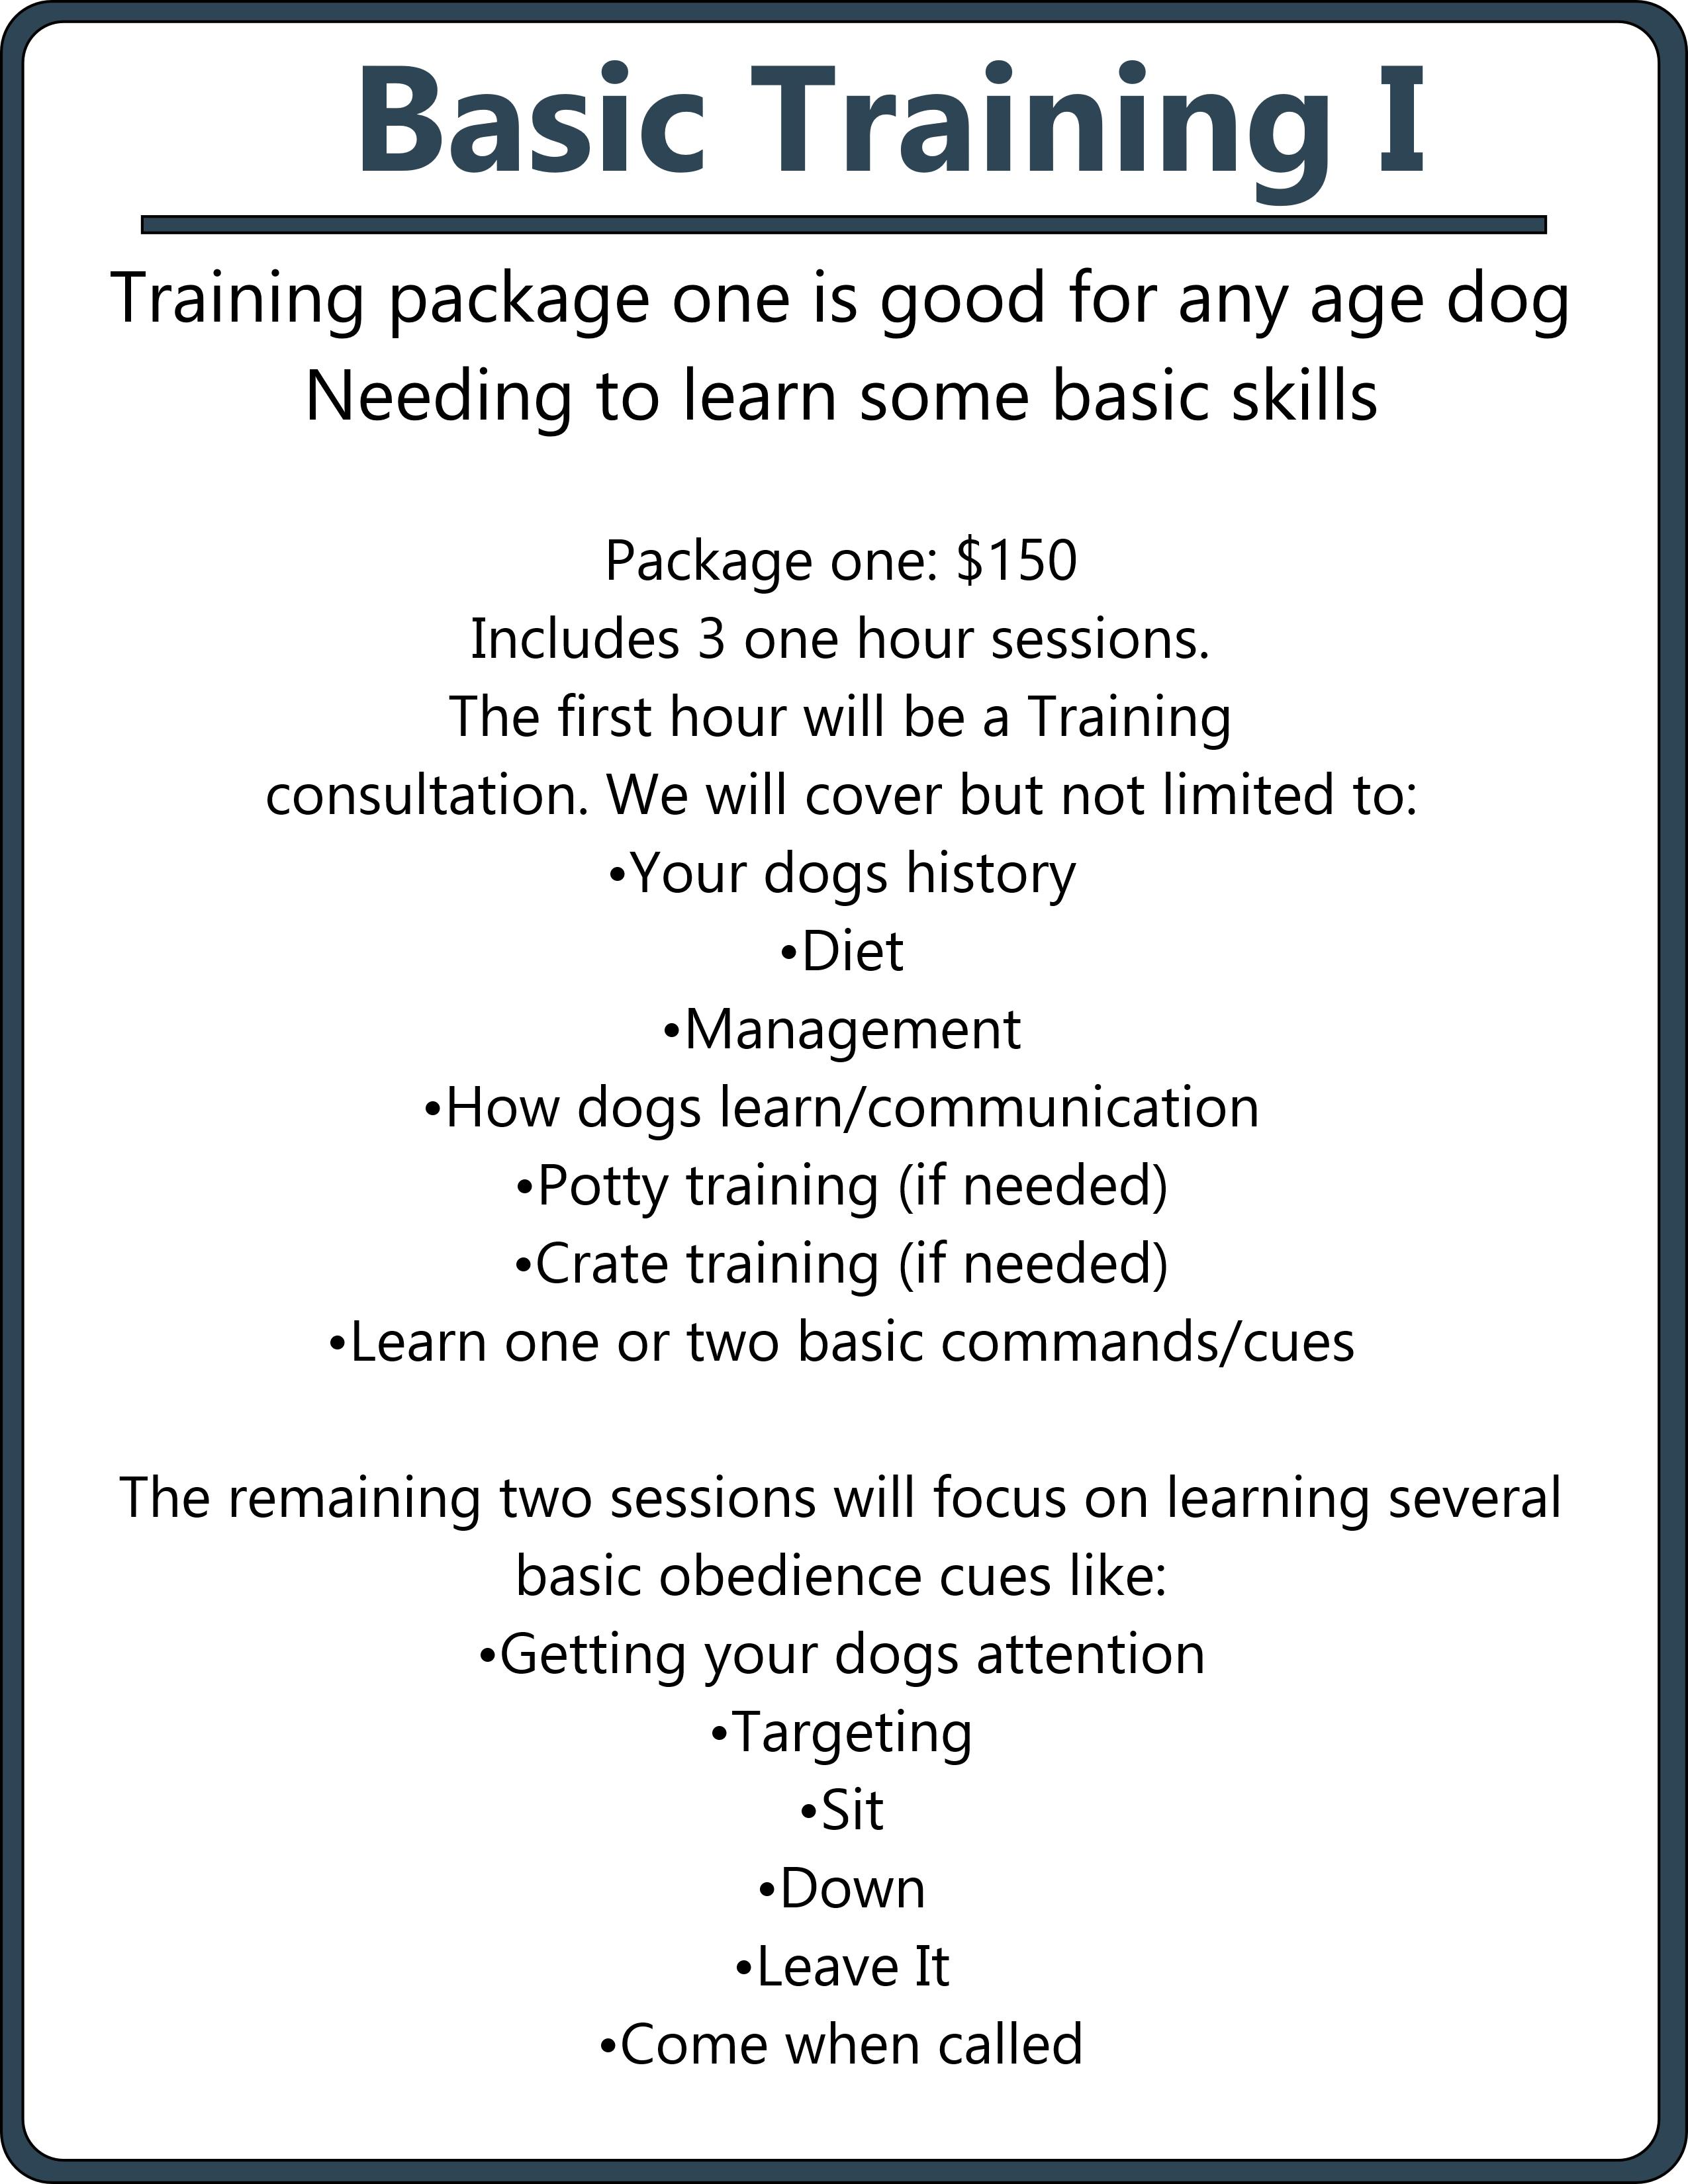 basic training I package